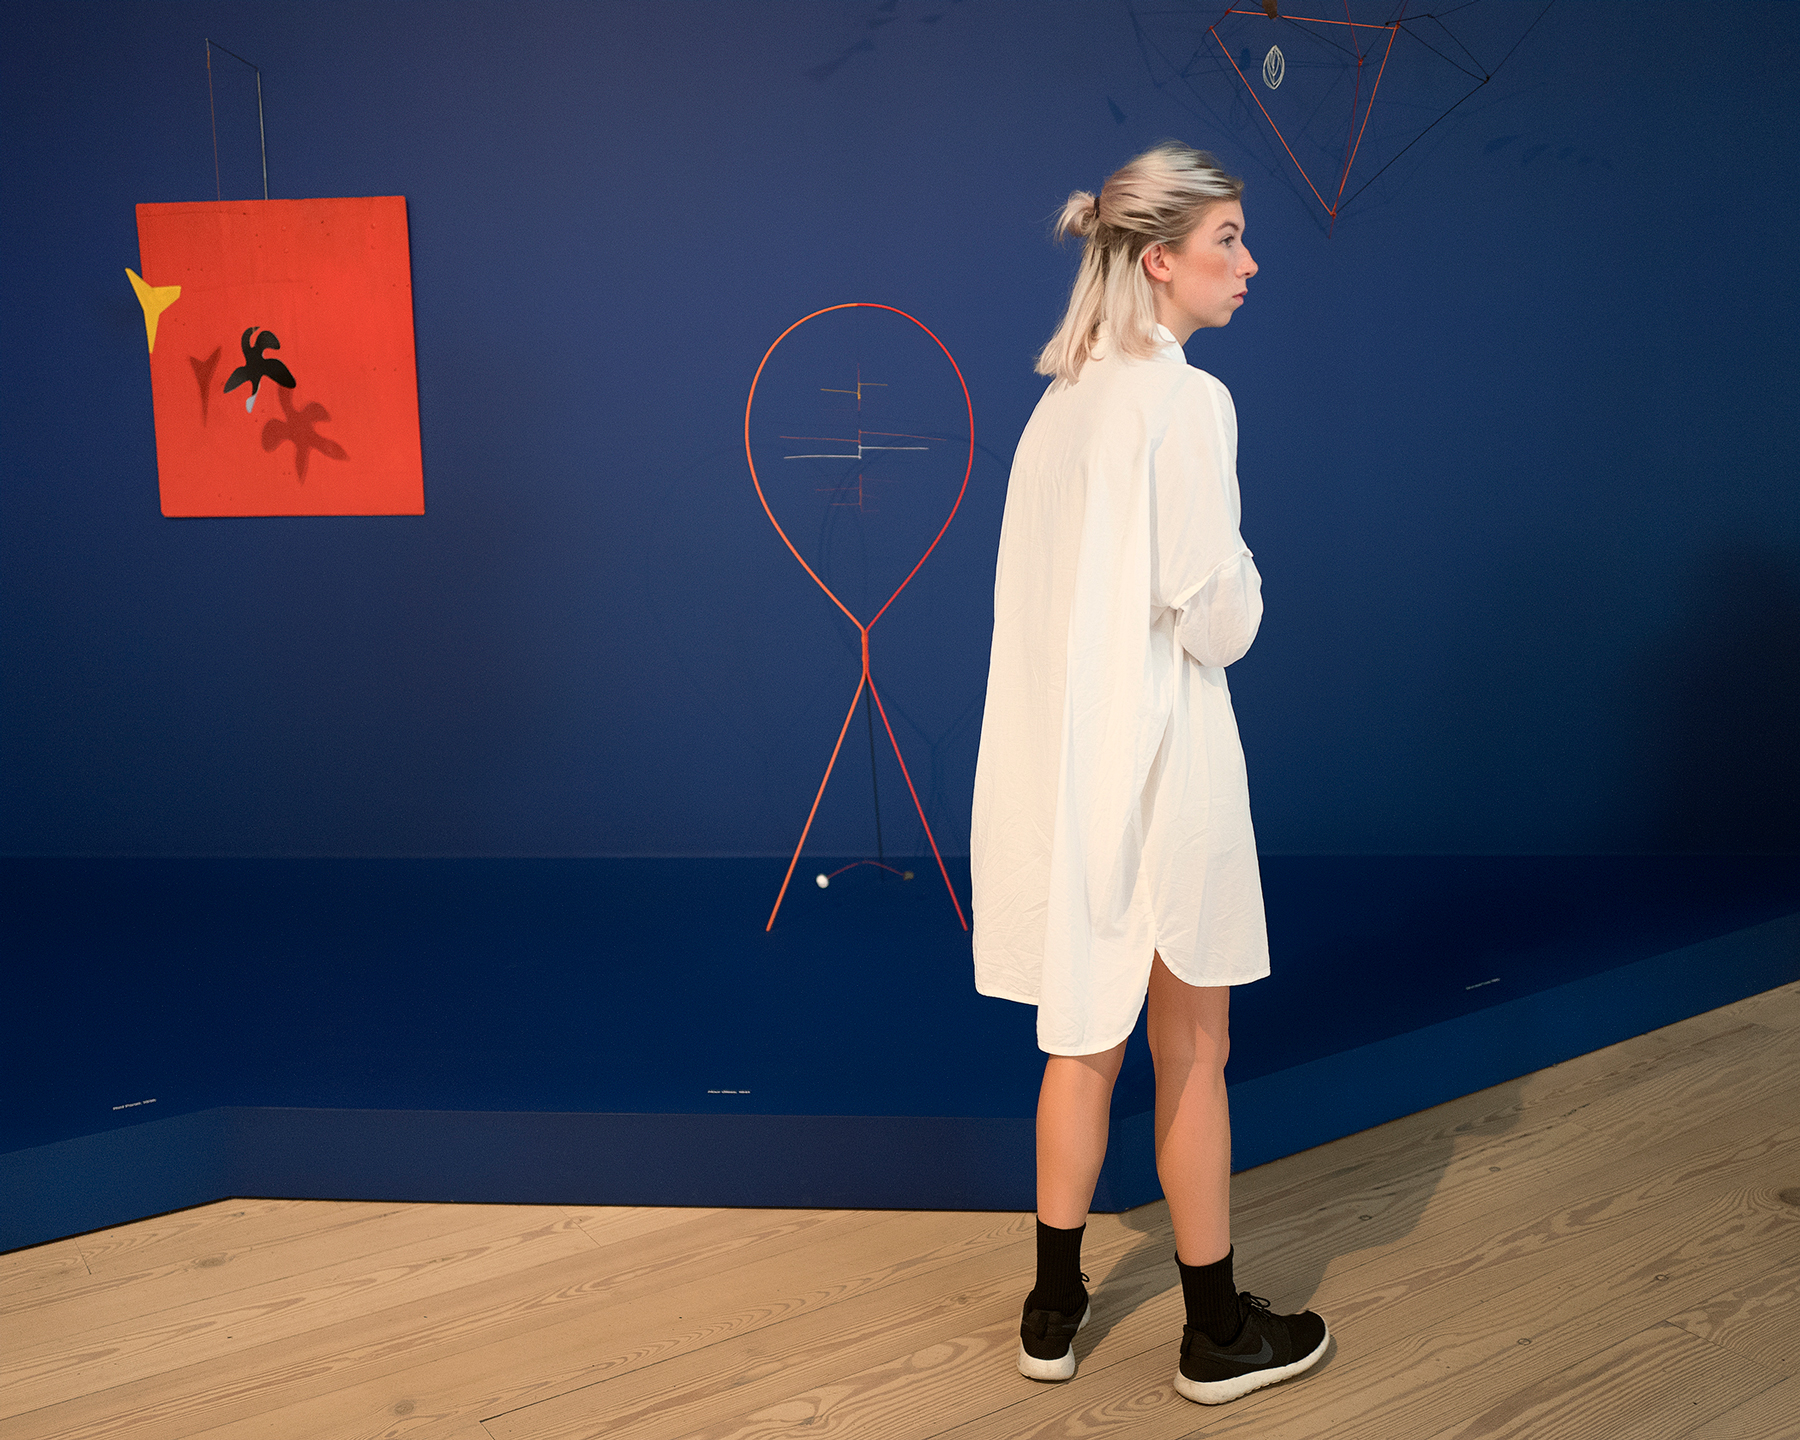 William-Bullard_Pictures-at-an-Exhibition1_-Alexander-Calder.jpg